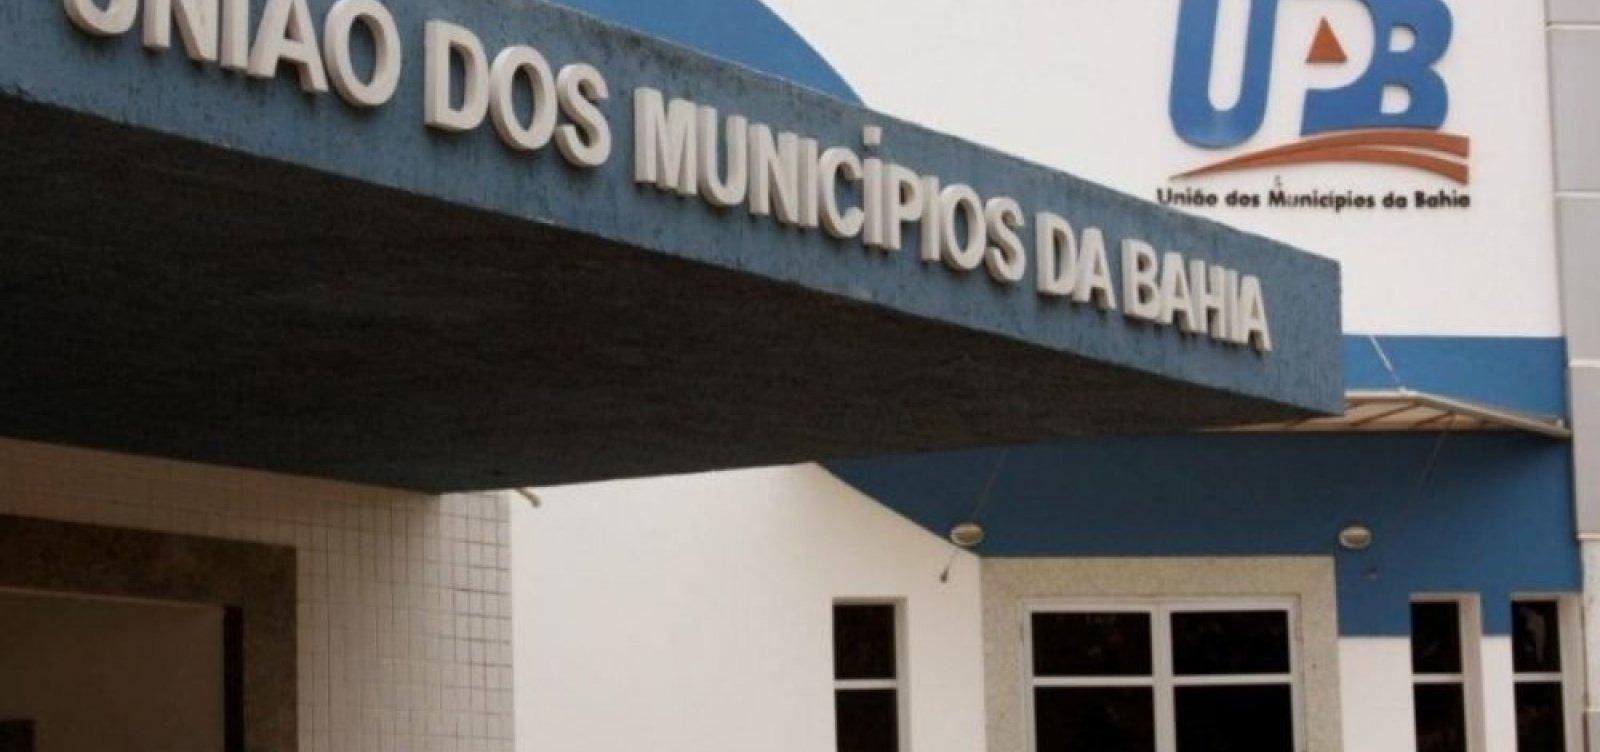 [Prefeitos baianos criticam extinção de municípios: 'É uma proposta equivocada']